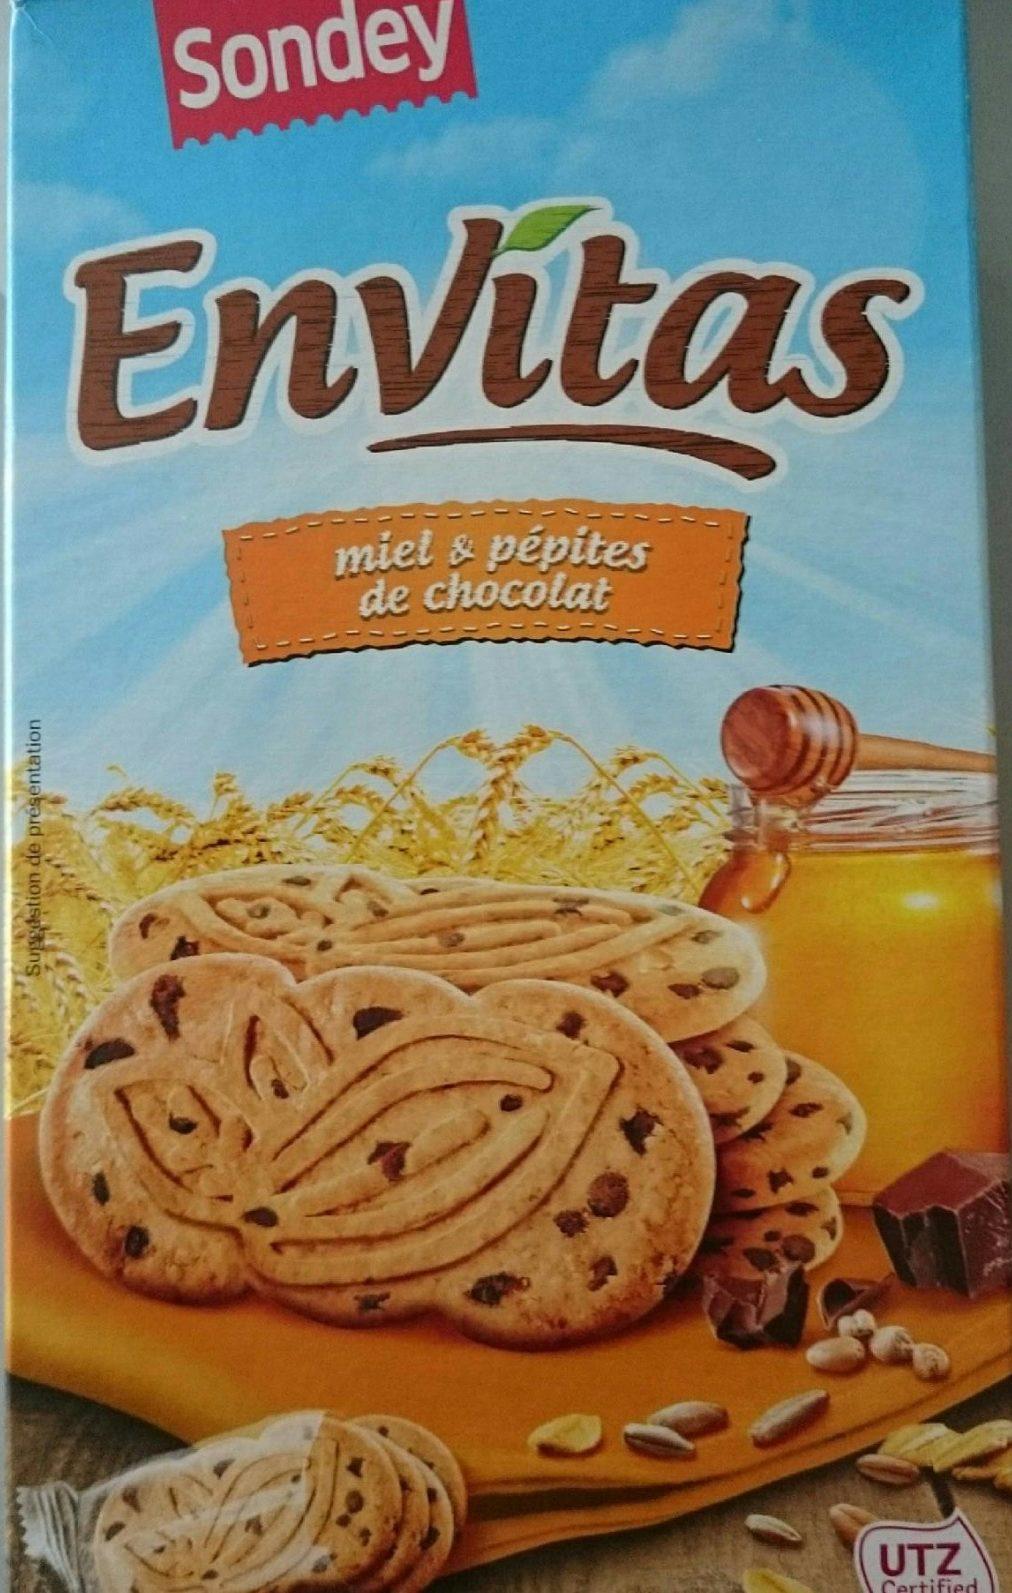 miel & pepites de chocolat - Product